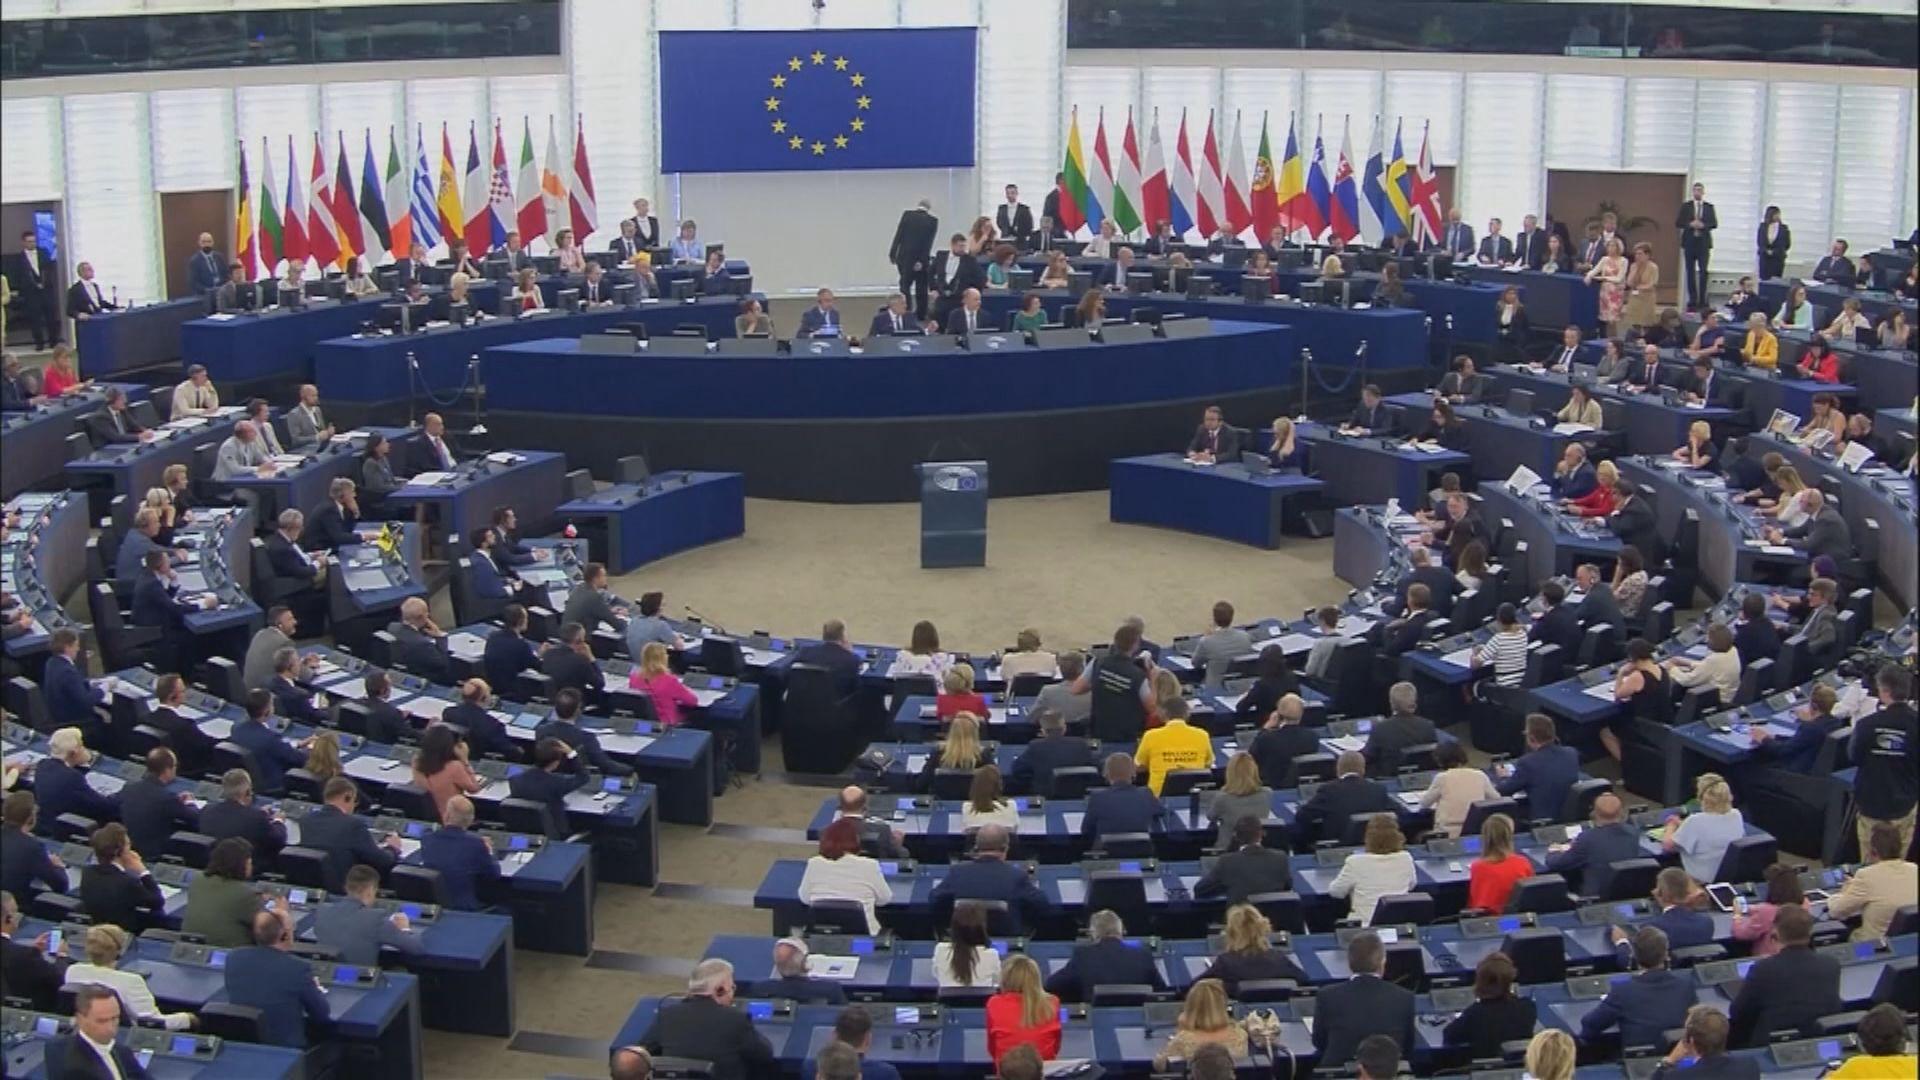 歐盟領袖繼續商討新領導層人選